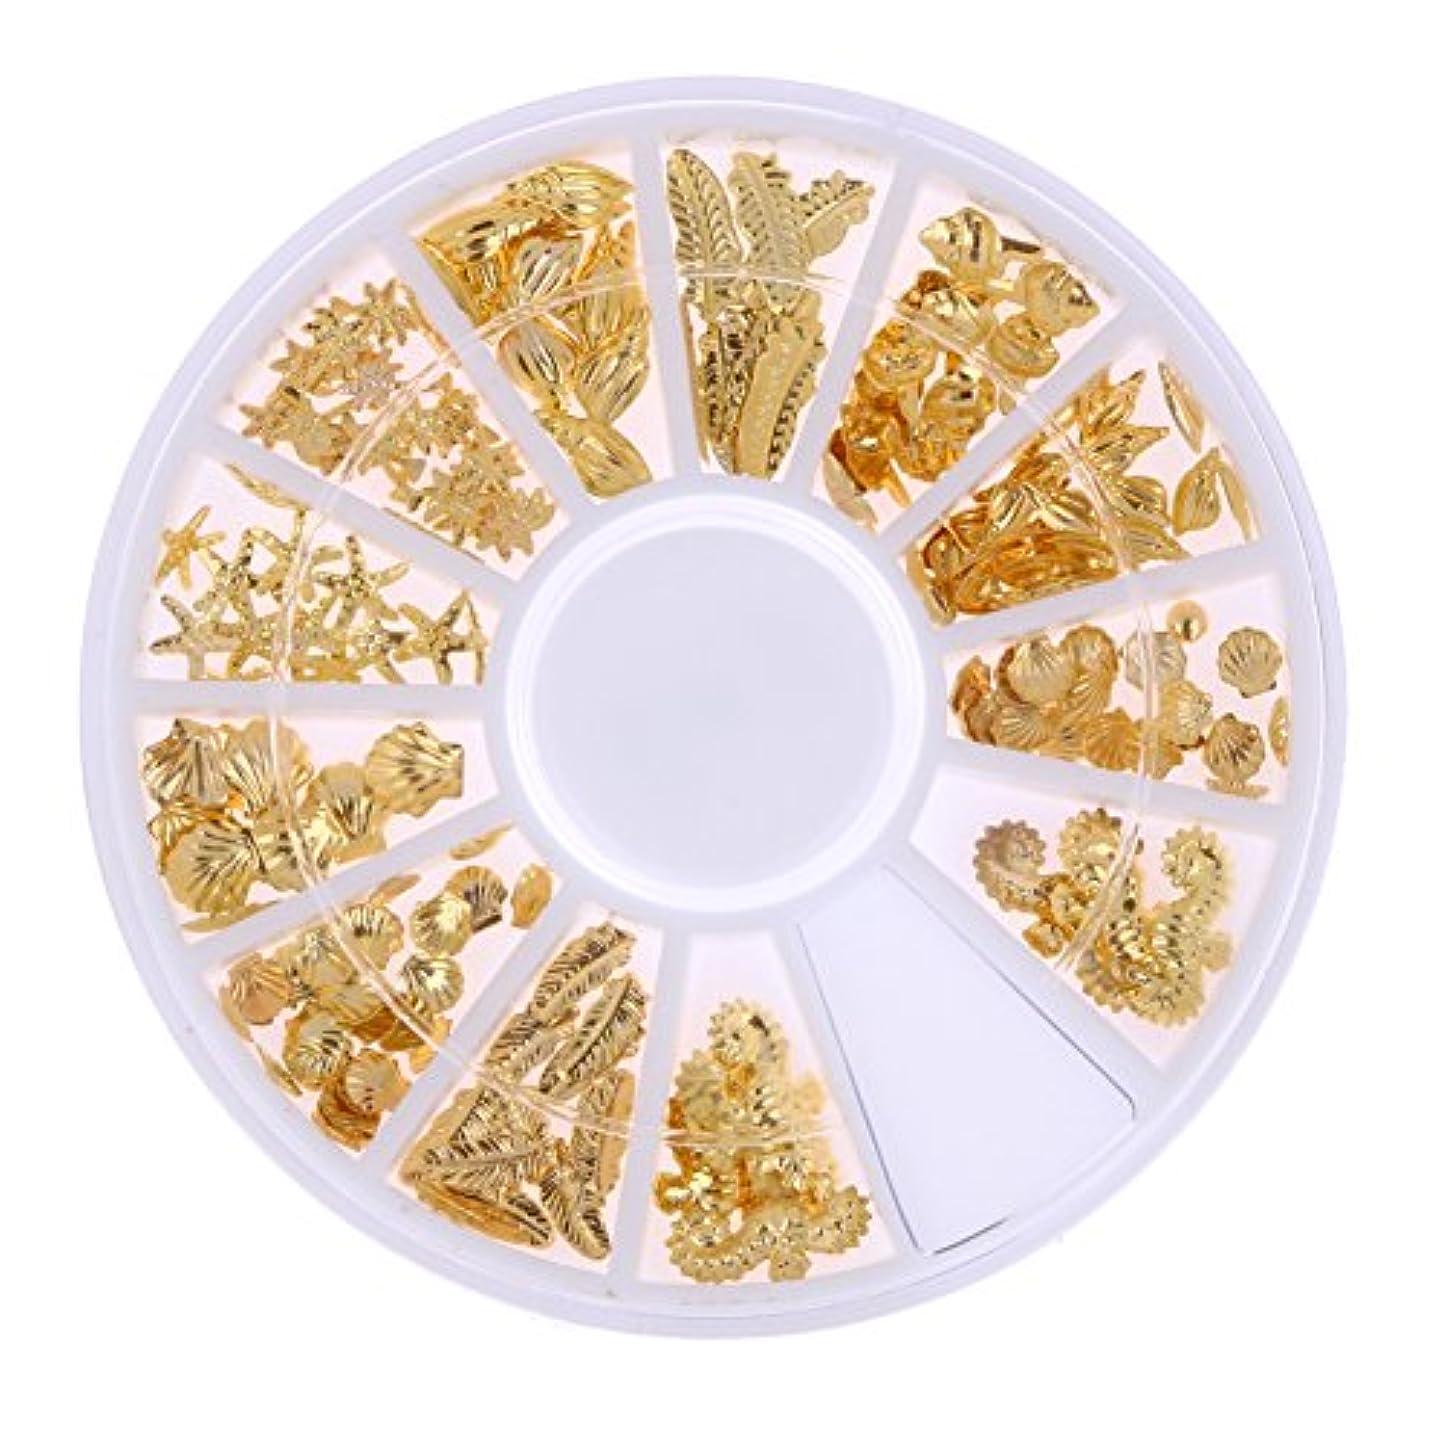 きつくファンタジー反論者Demiawaking ネイルパーツ メタル ネイルアート ゴールド 海テーマ(貝殻/海馬/海星) 12種類 DIY ネイルデコレーション ラウンドケース入 1個